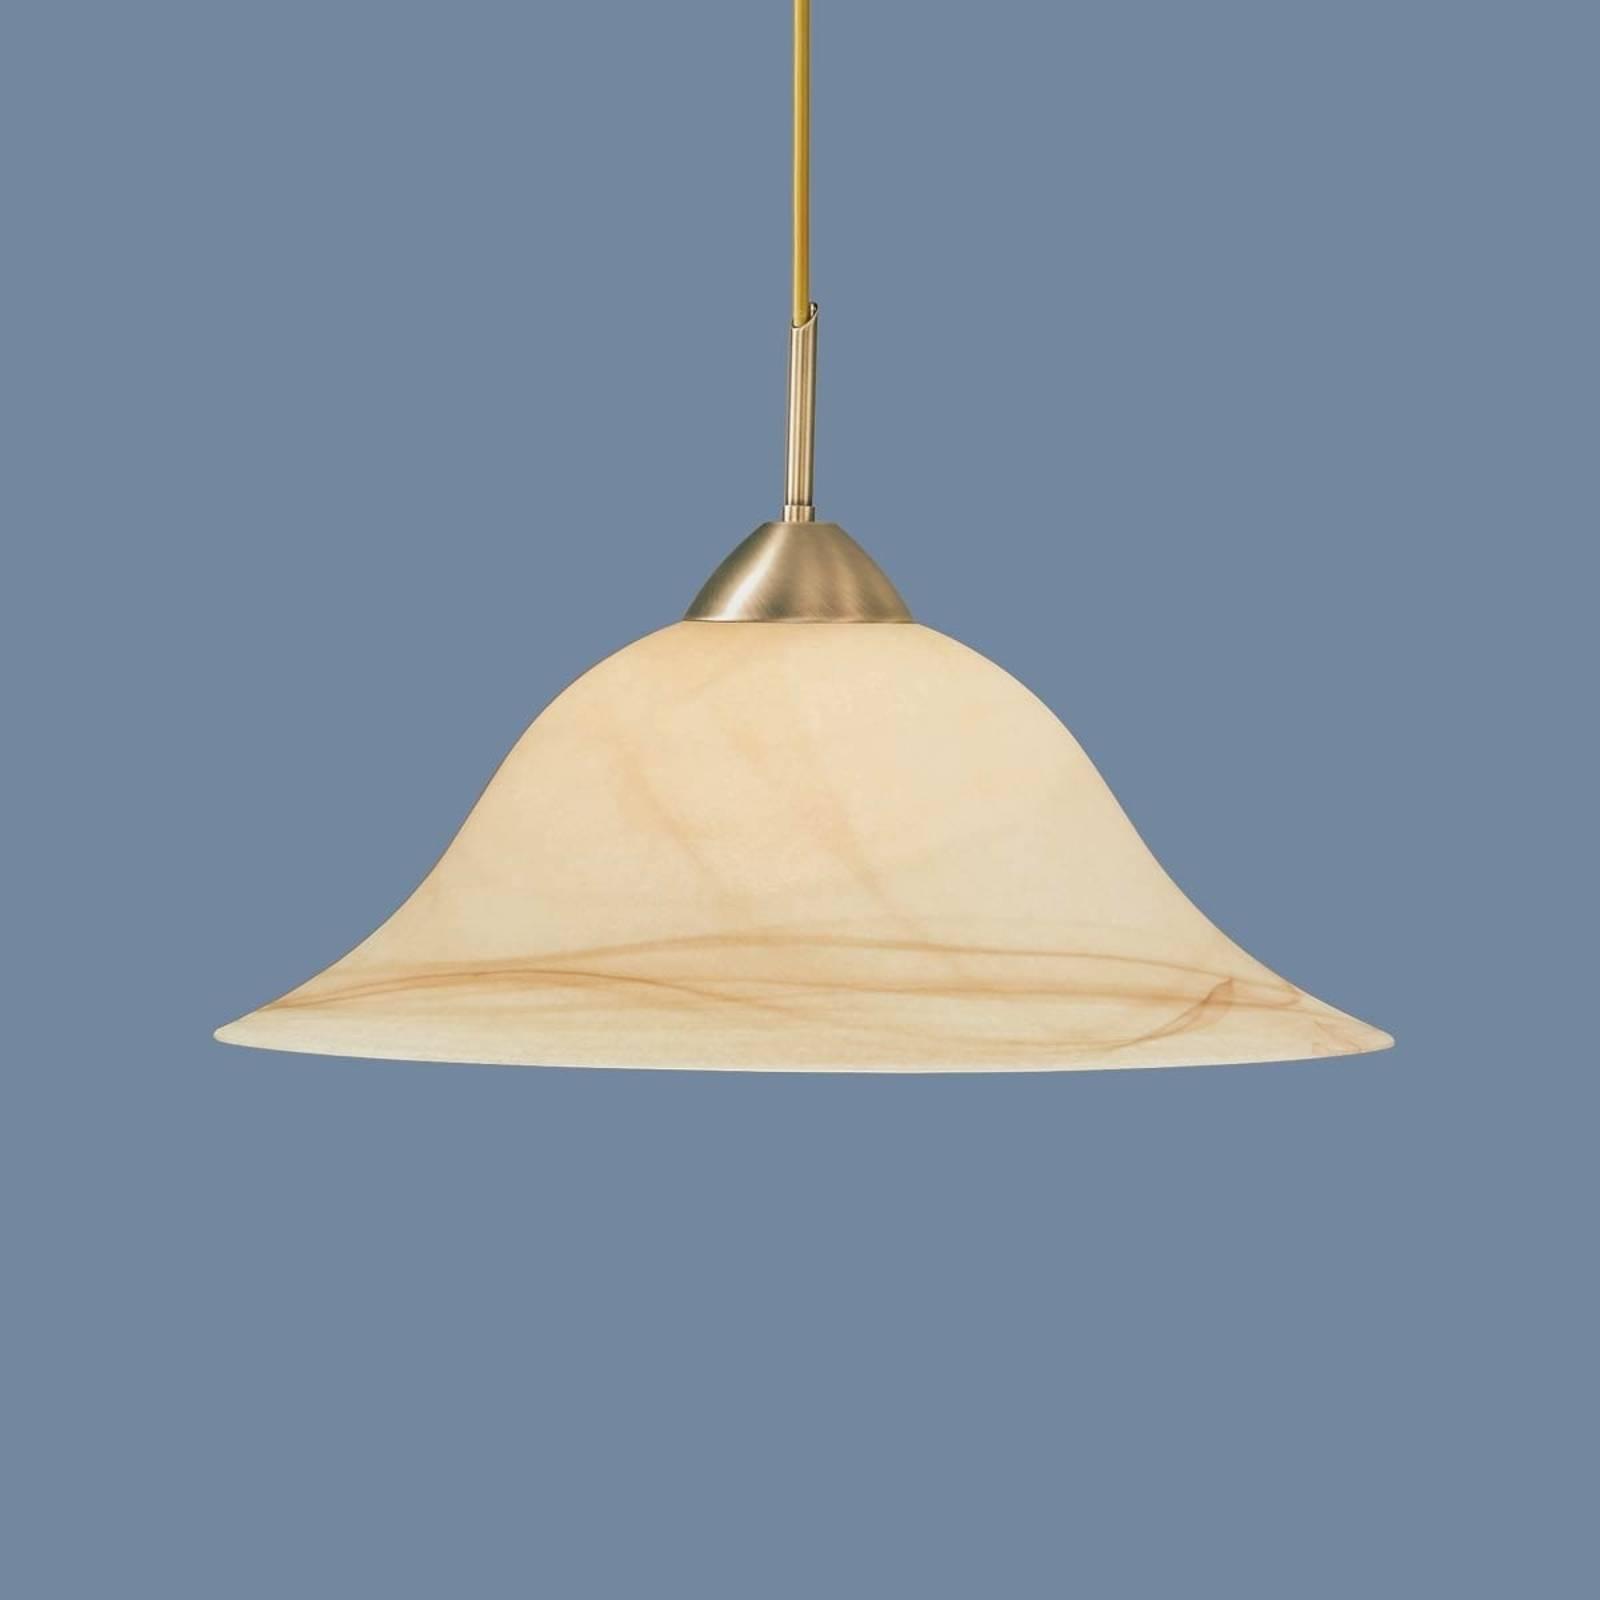 Warmkleurige hanglamp Luisa, oudmessing